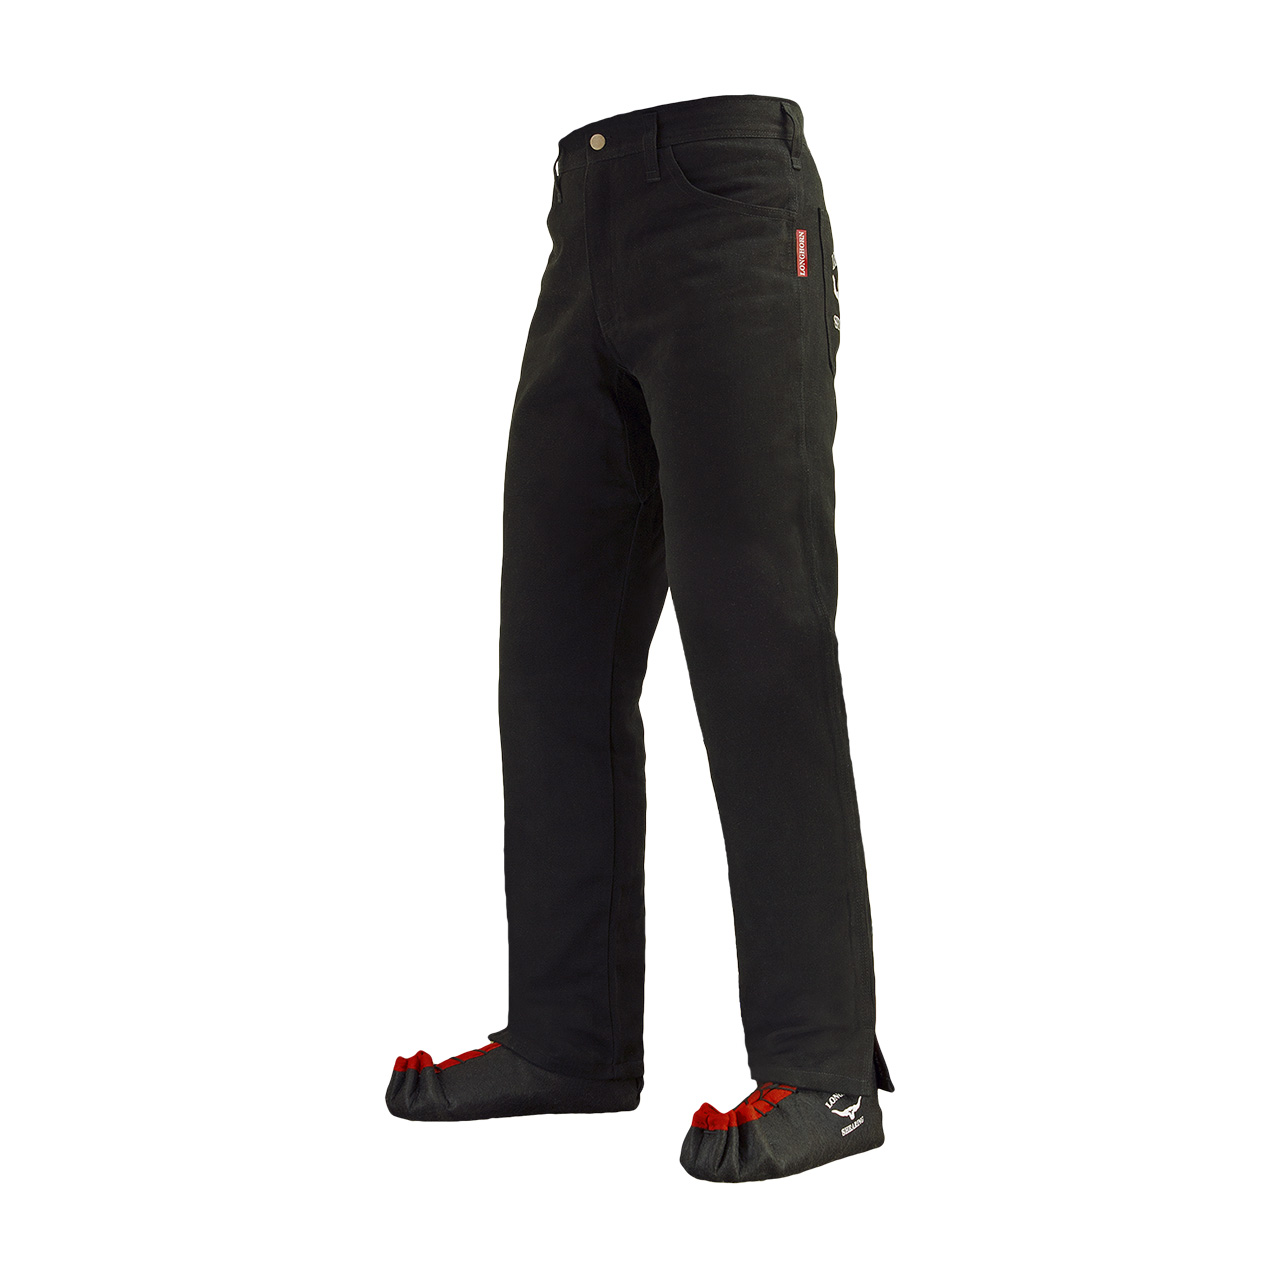 Longhorn™ kalhoty pro střihače ovcí s 2 předními kapsami velikost Regular 38/33